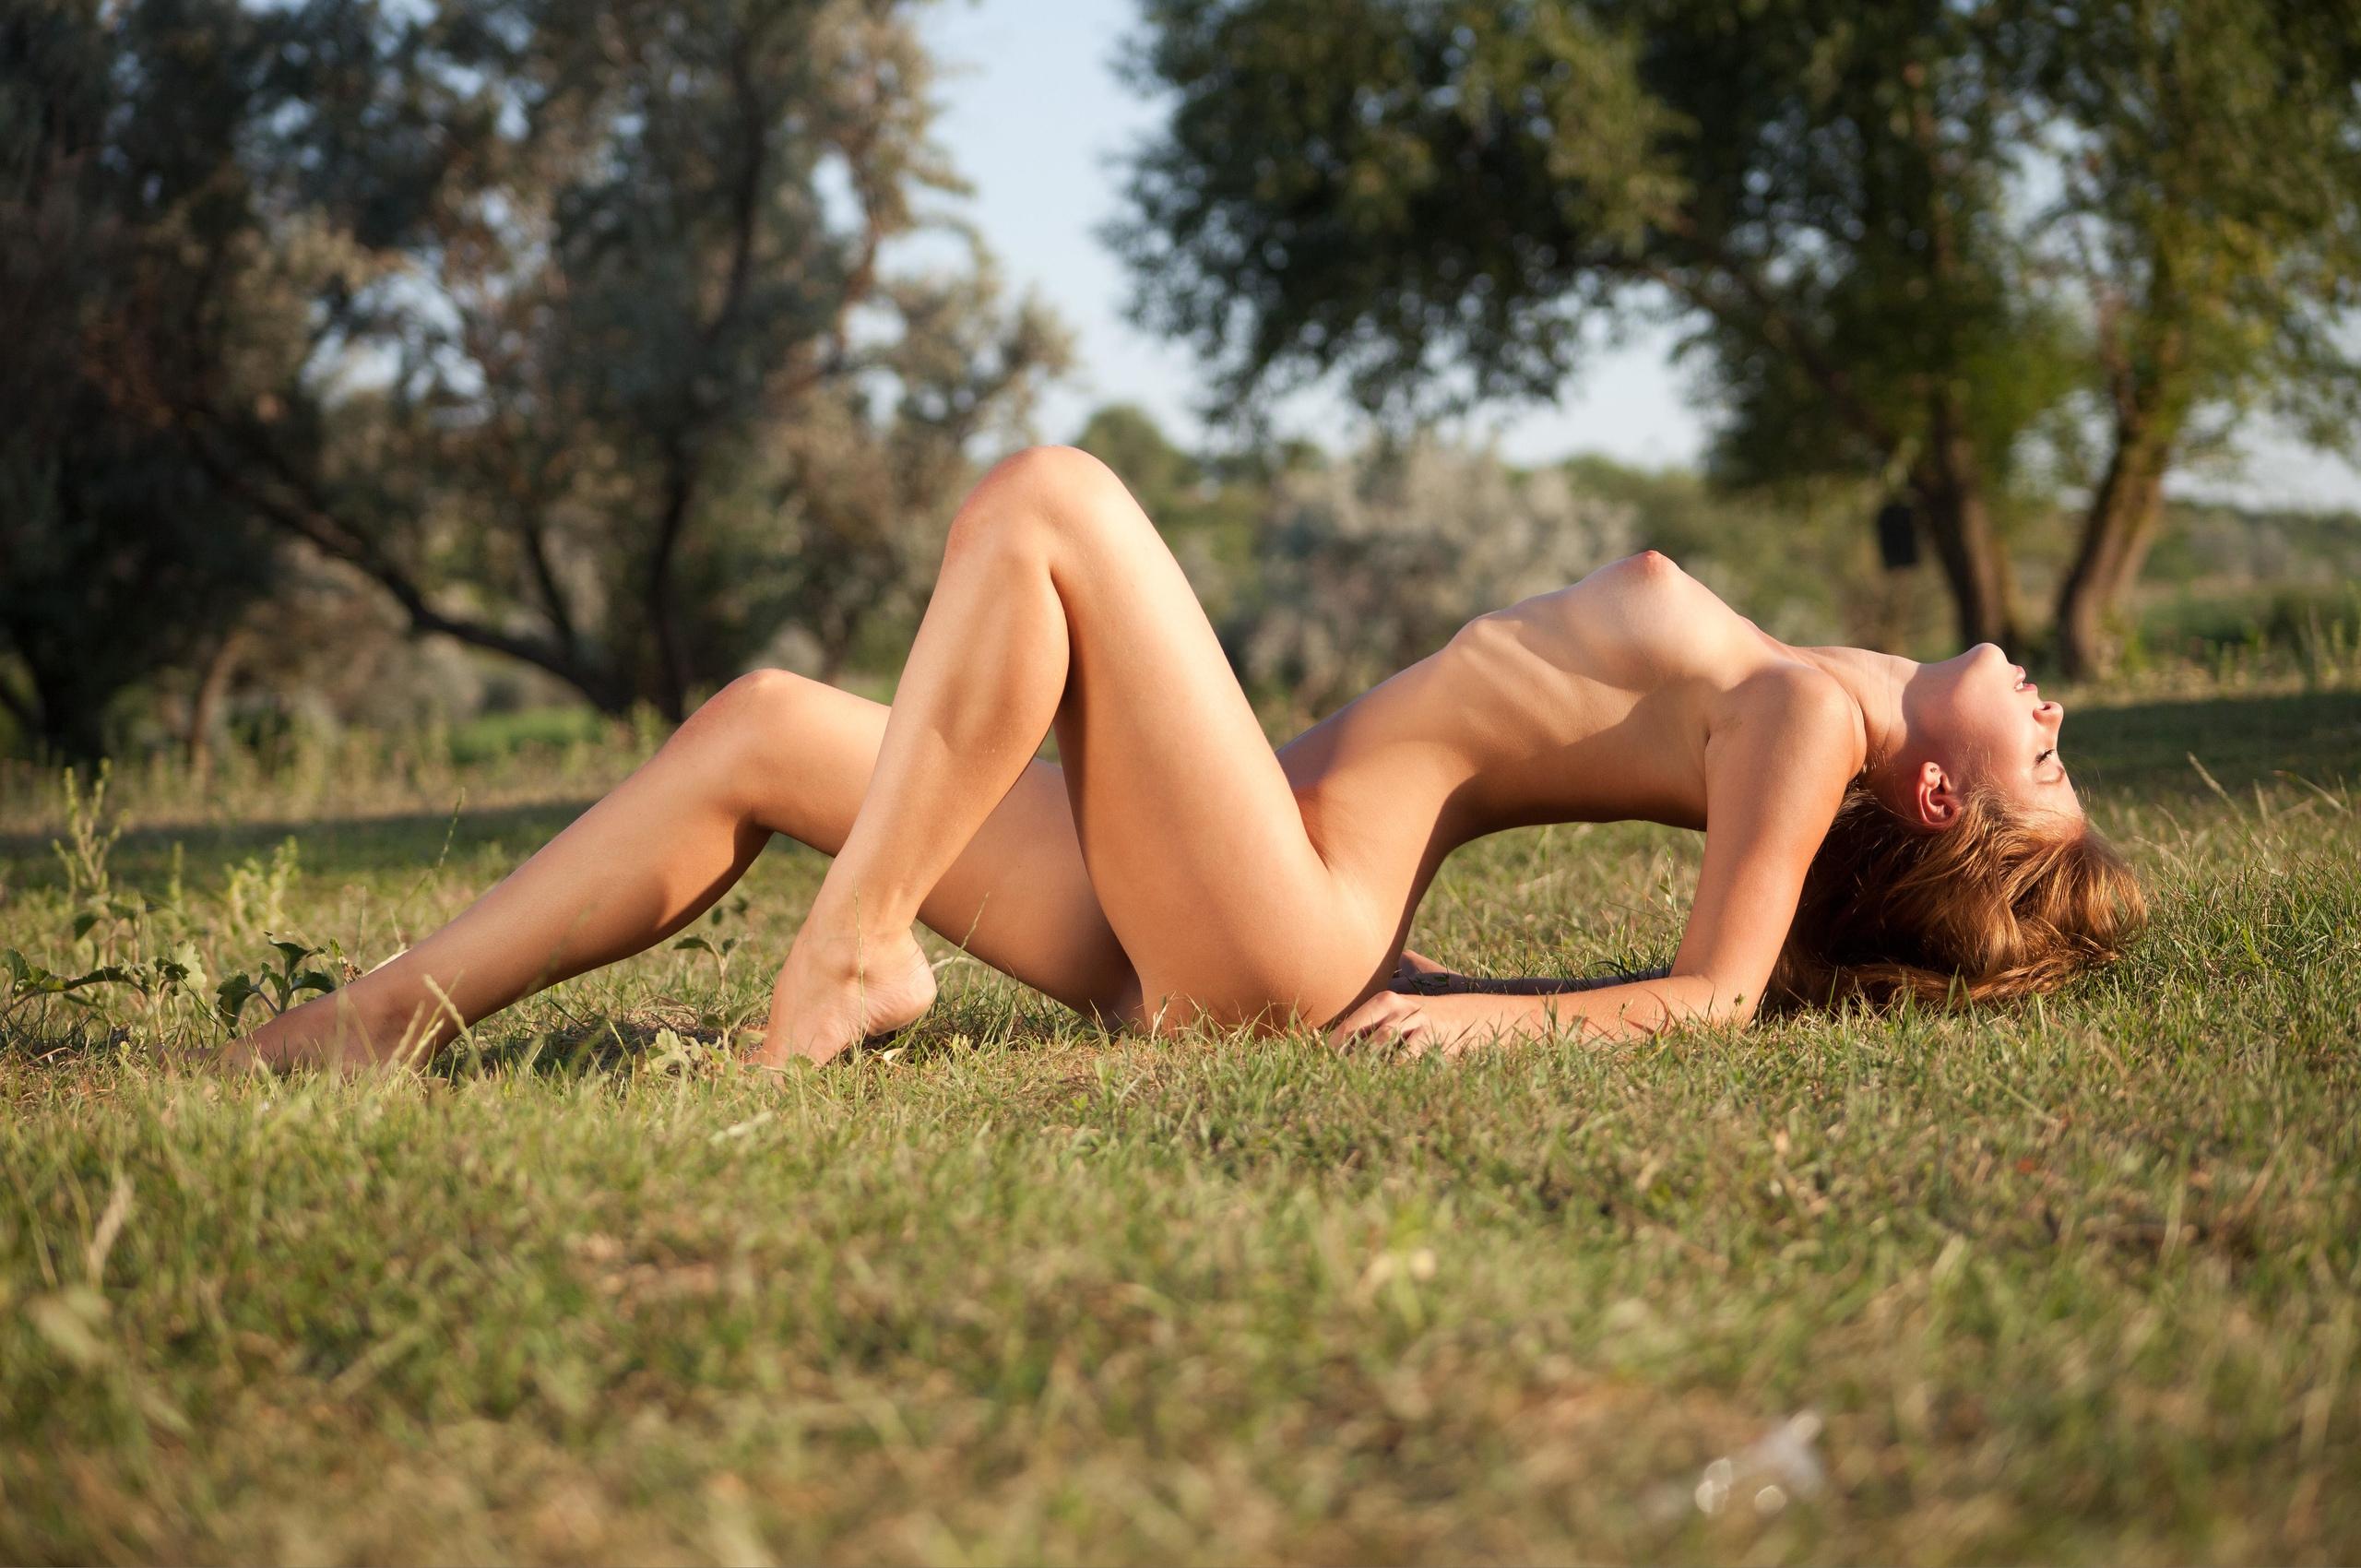 Фото шатенки голышом на свежем воздухе